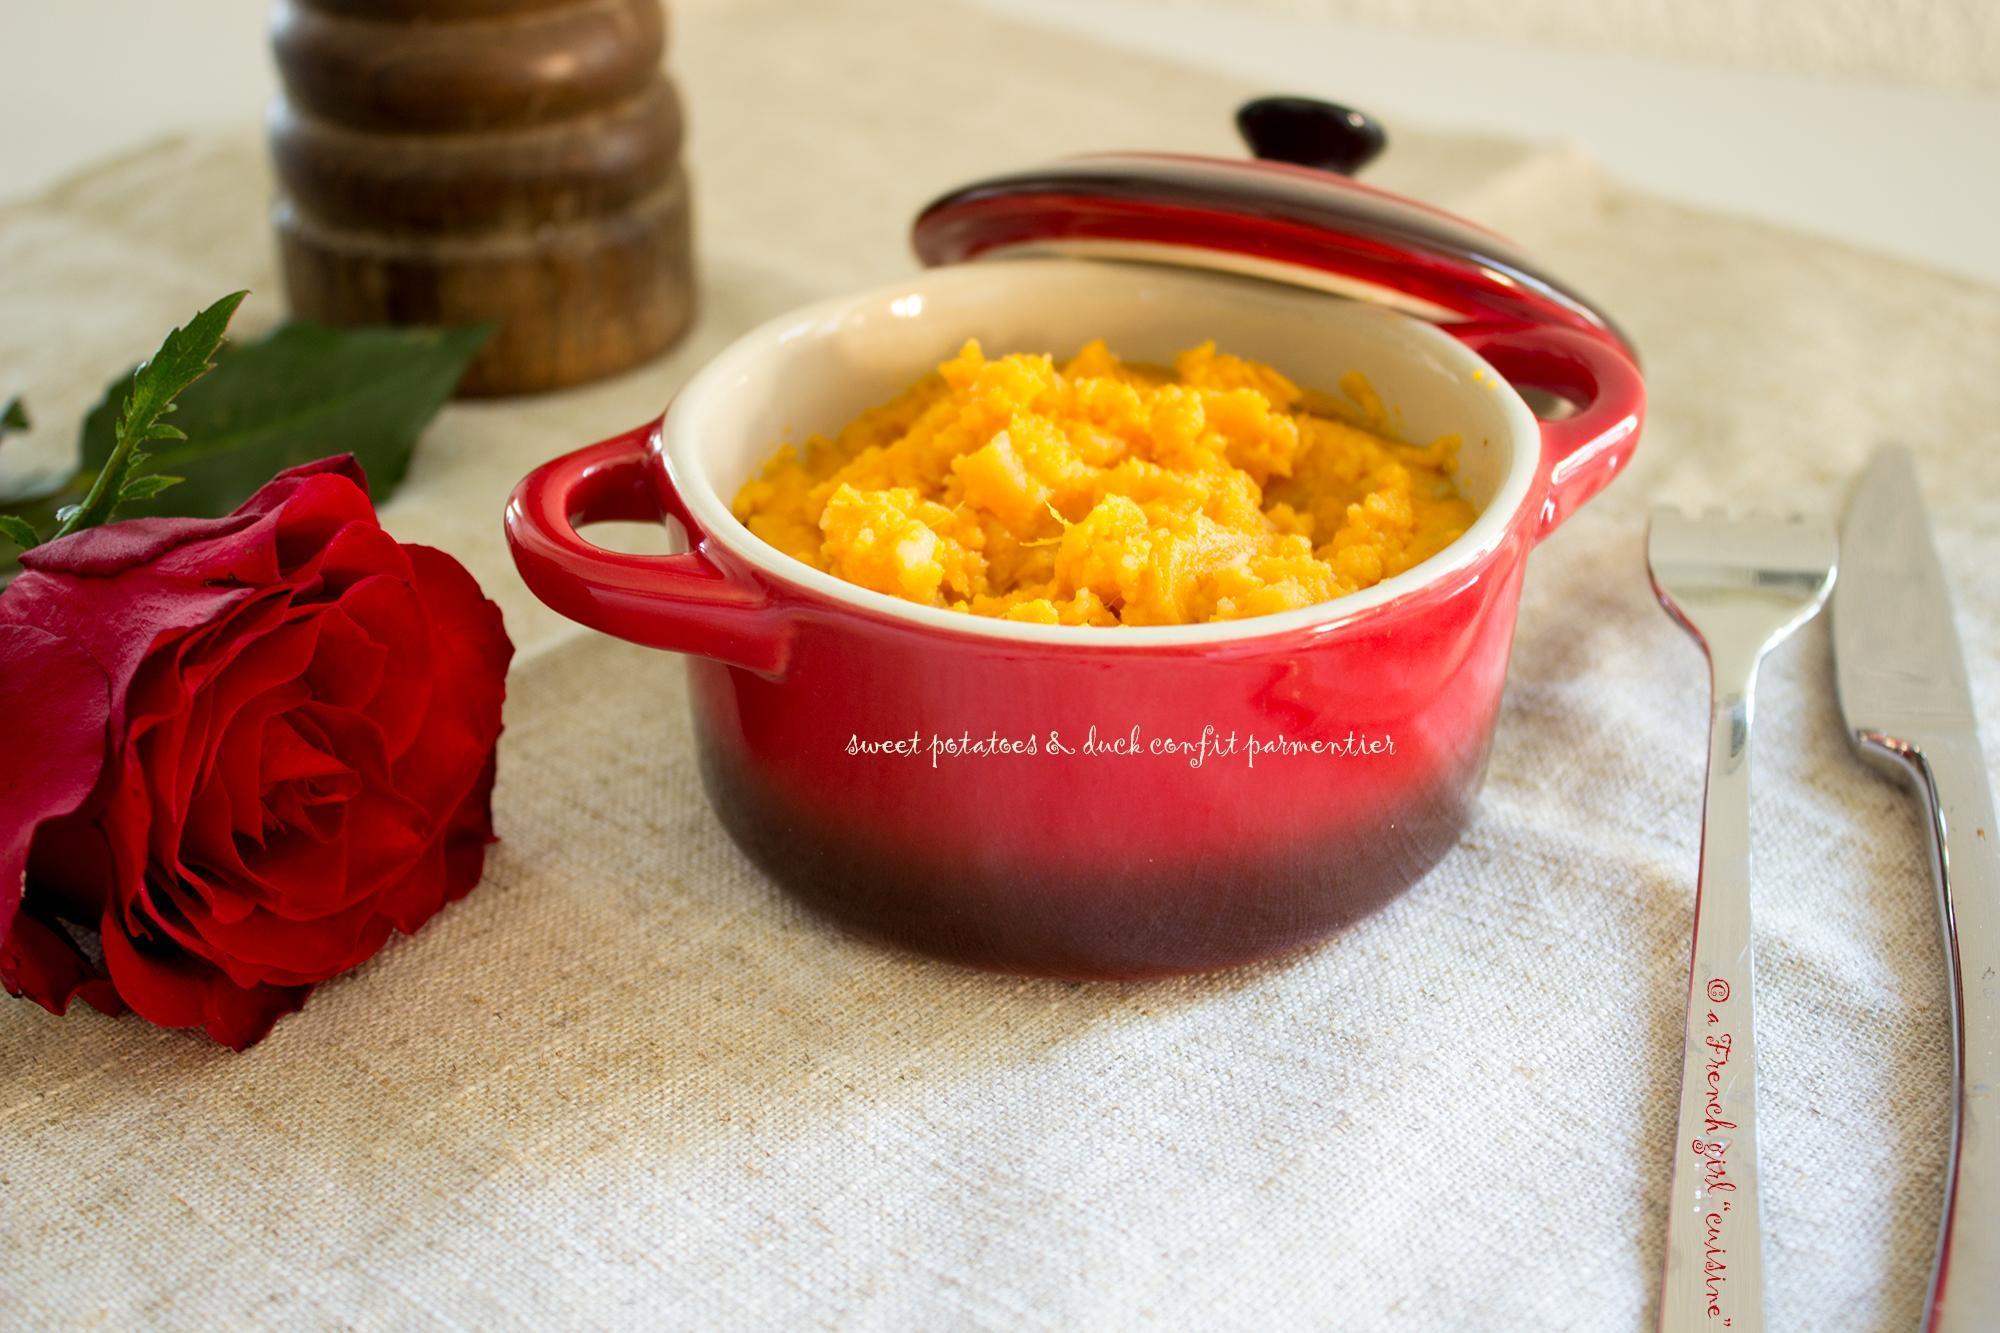 Sweet potato purée & duck confit parmentier